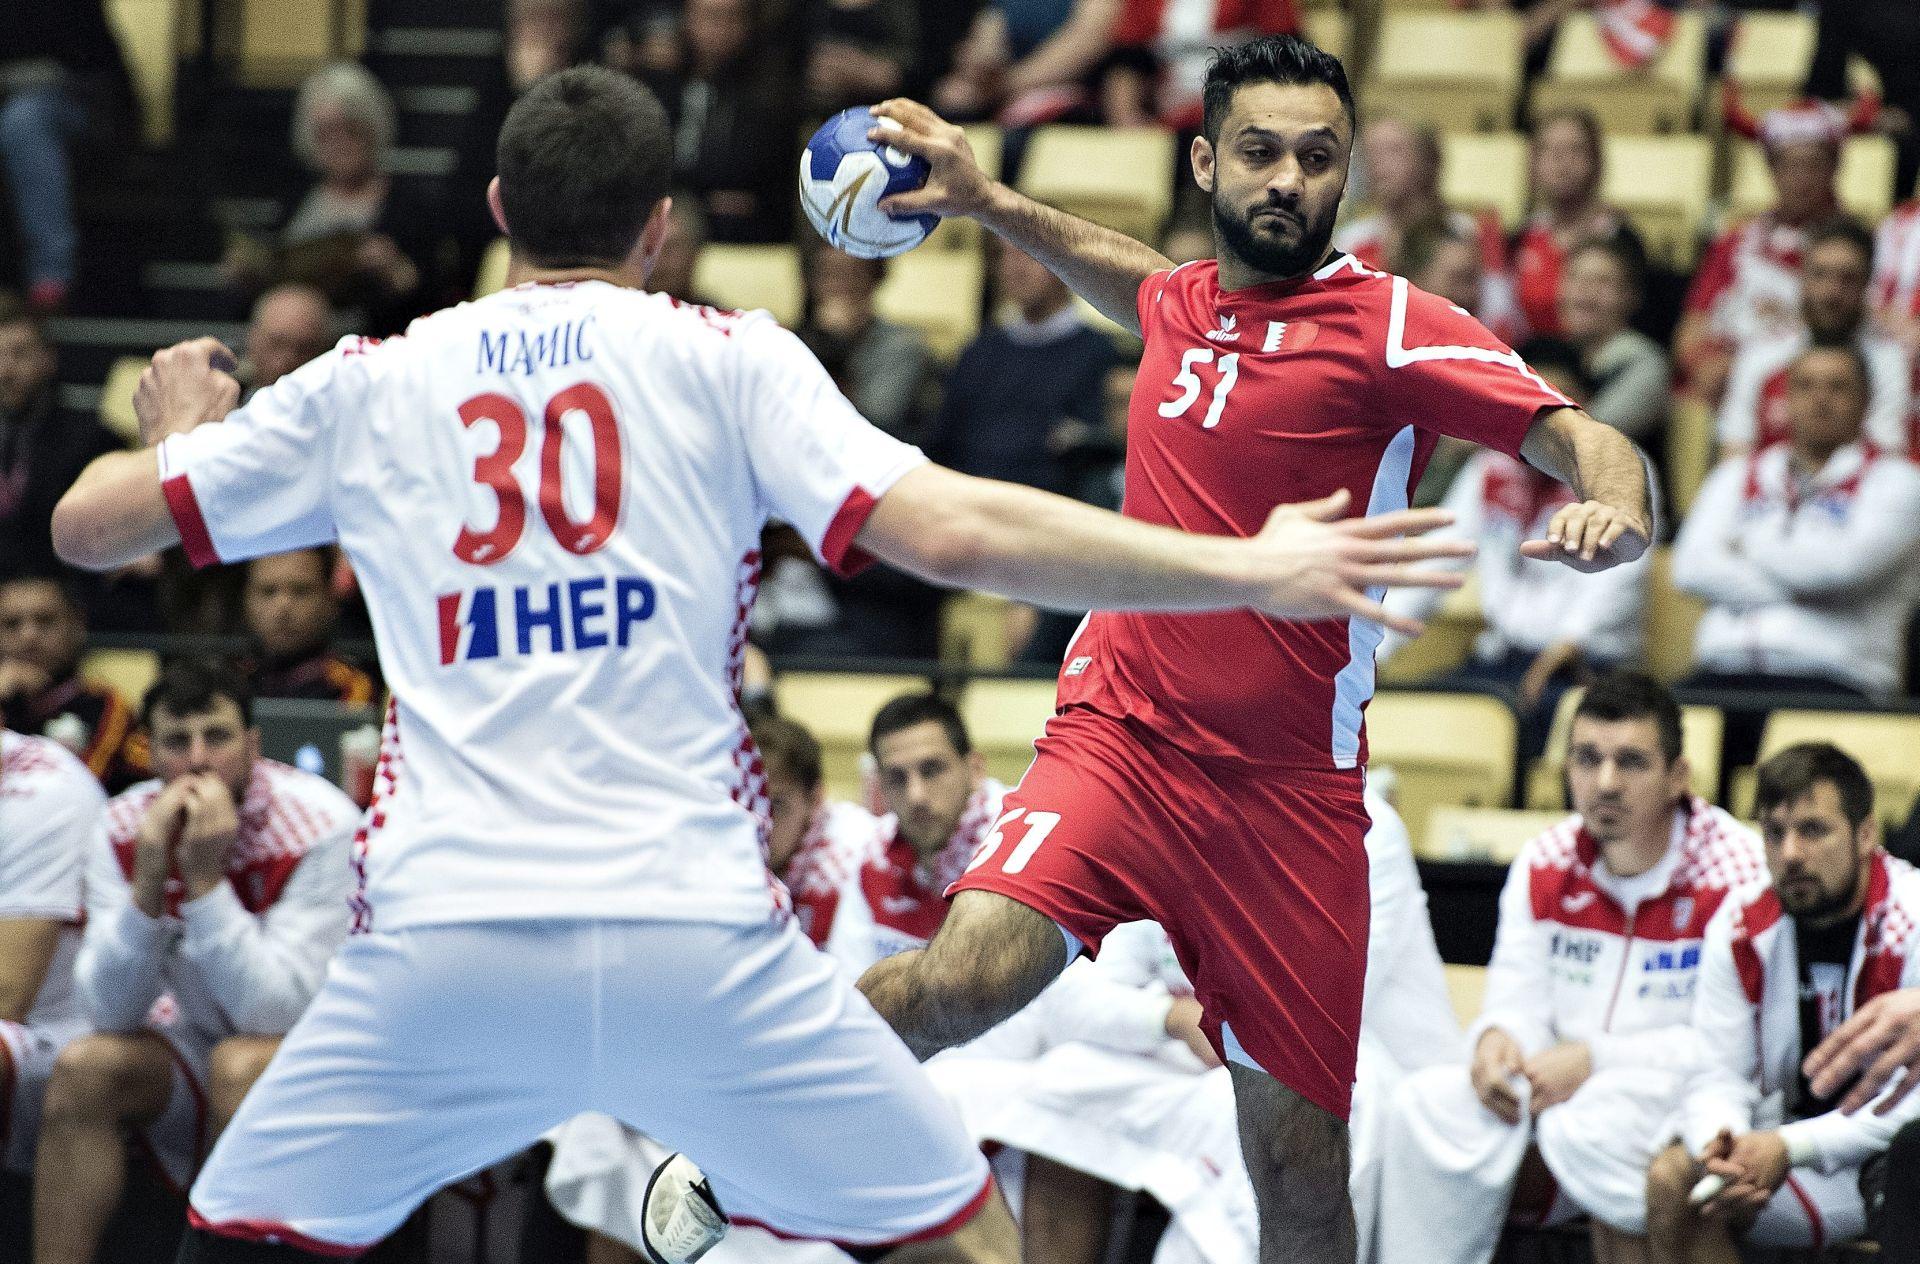 RUKOMET: Hrvatska u drugom poluvremenu razbila Bahrein 33:22